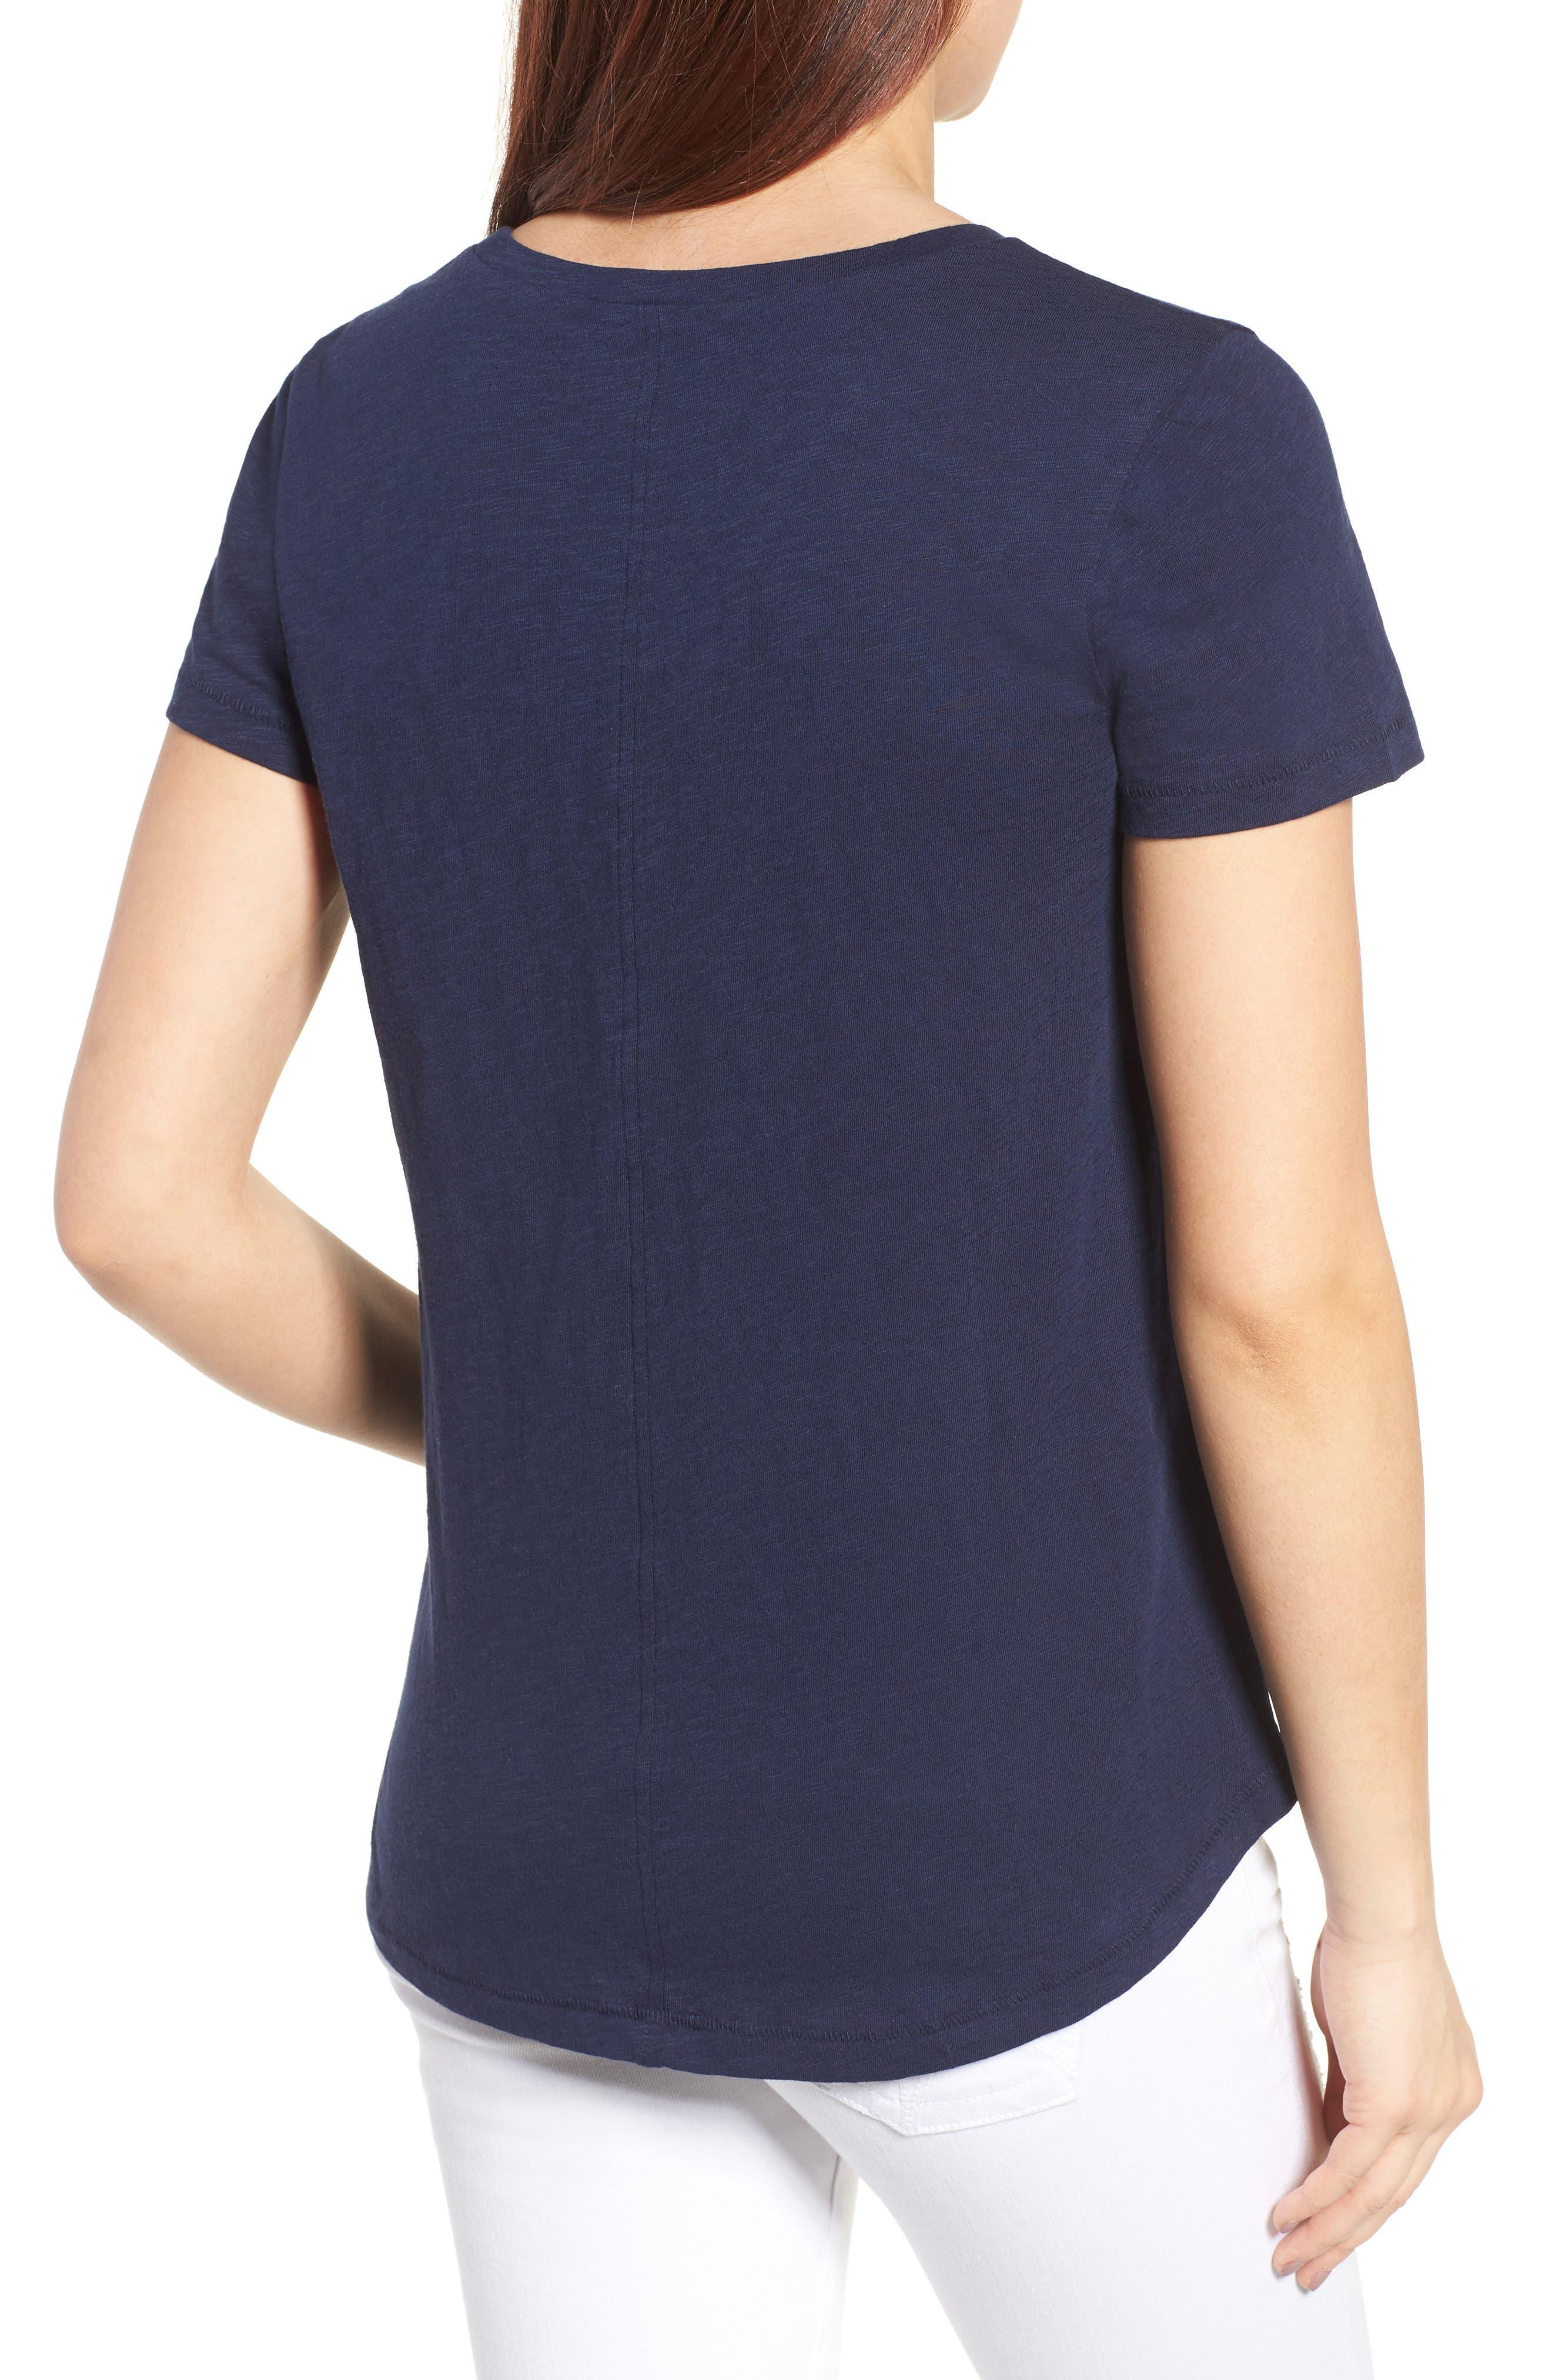 0df1a8390d43 women print tops